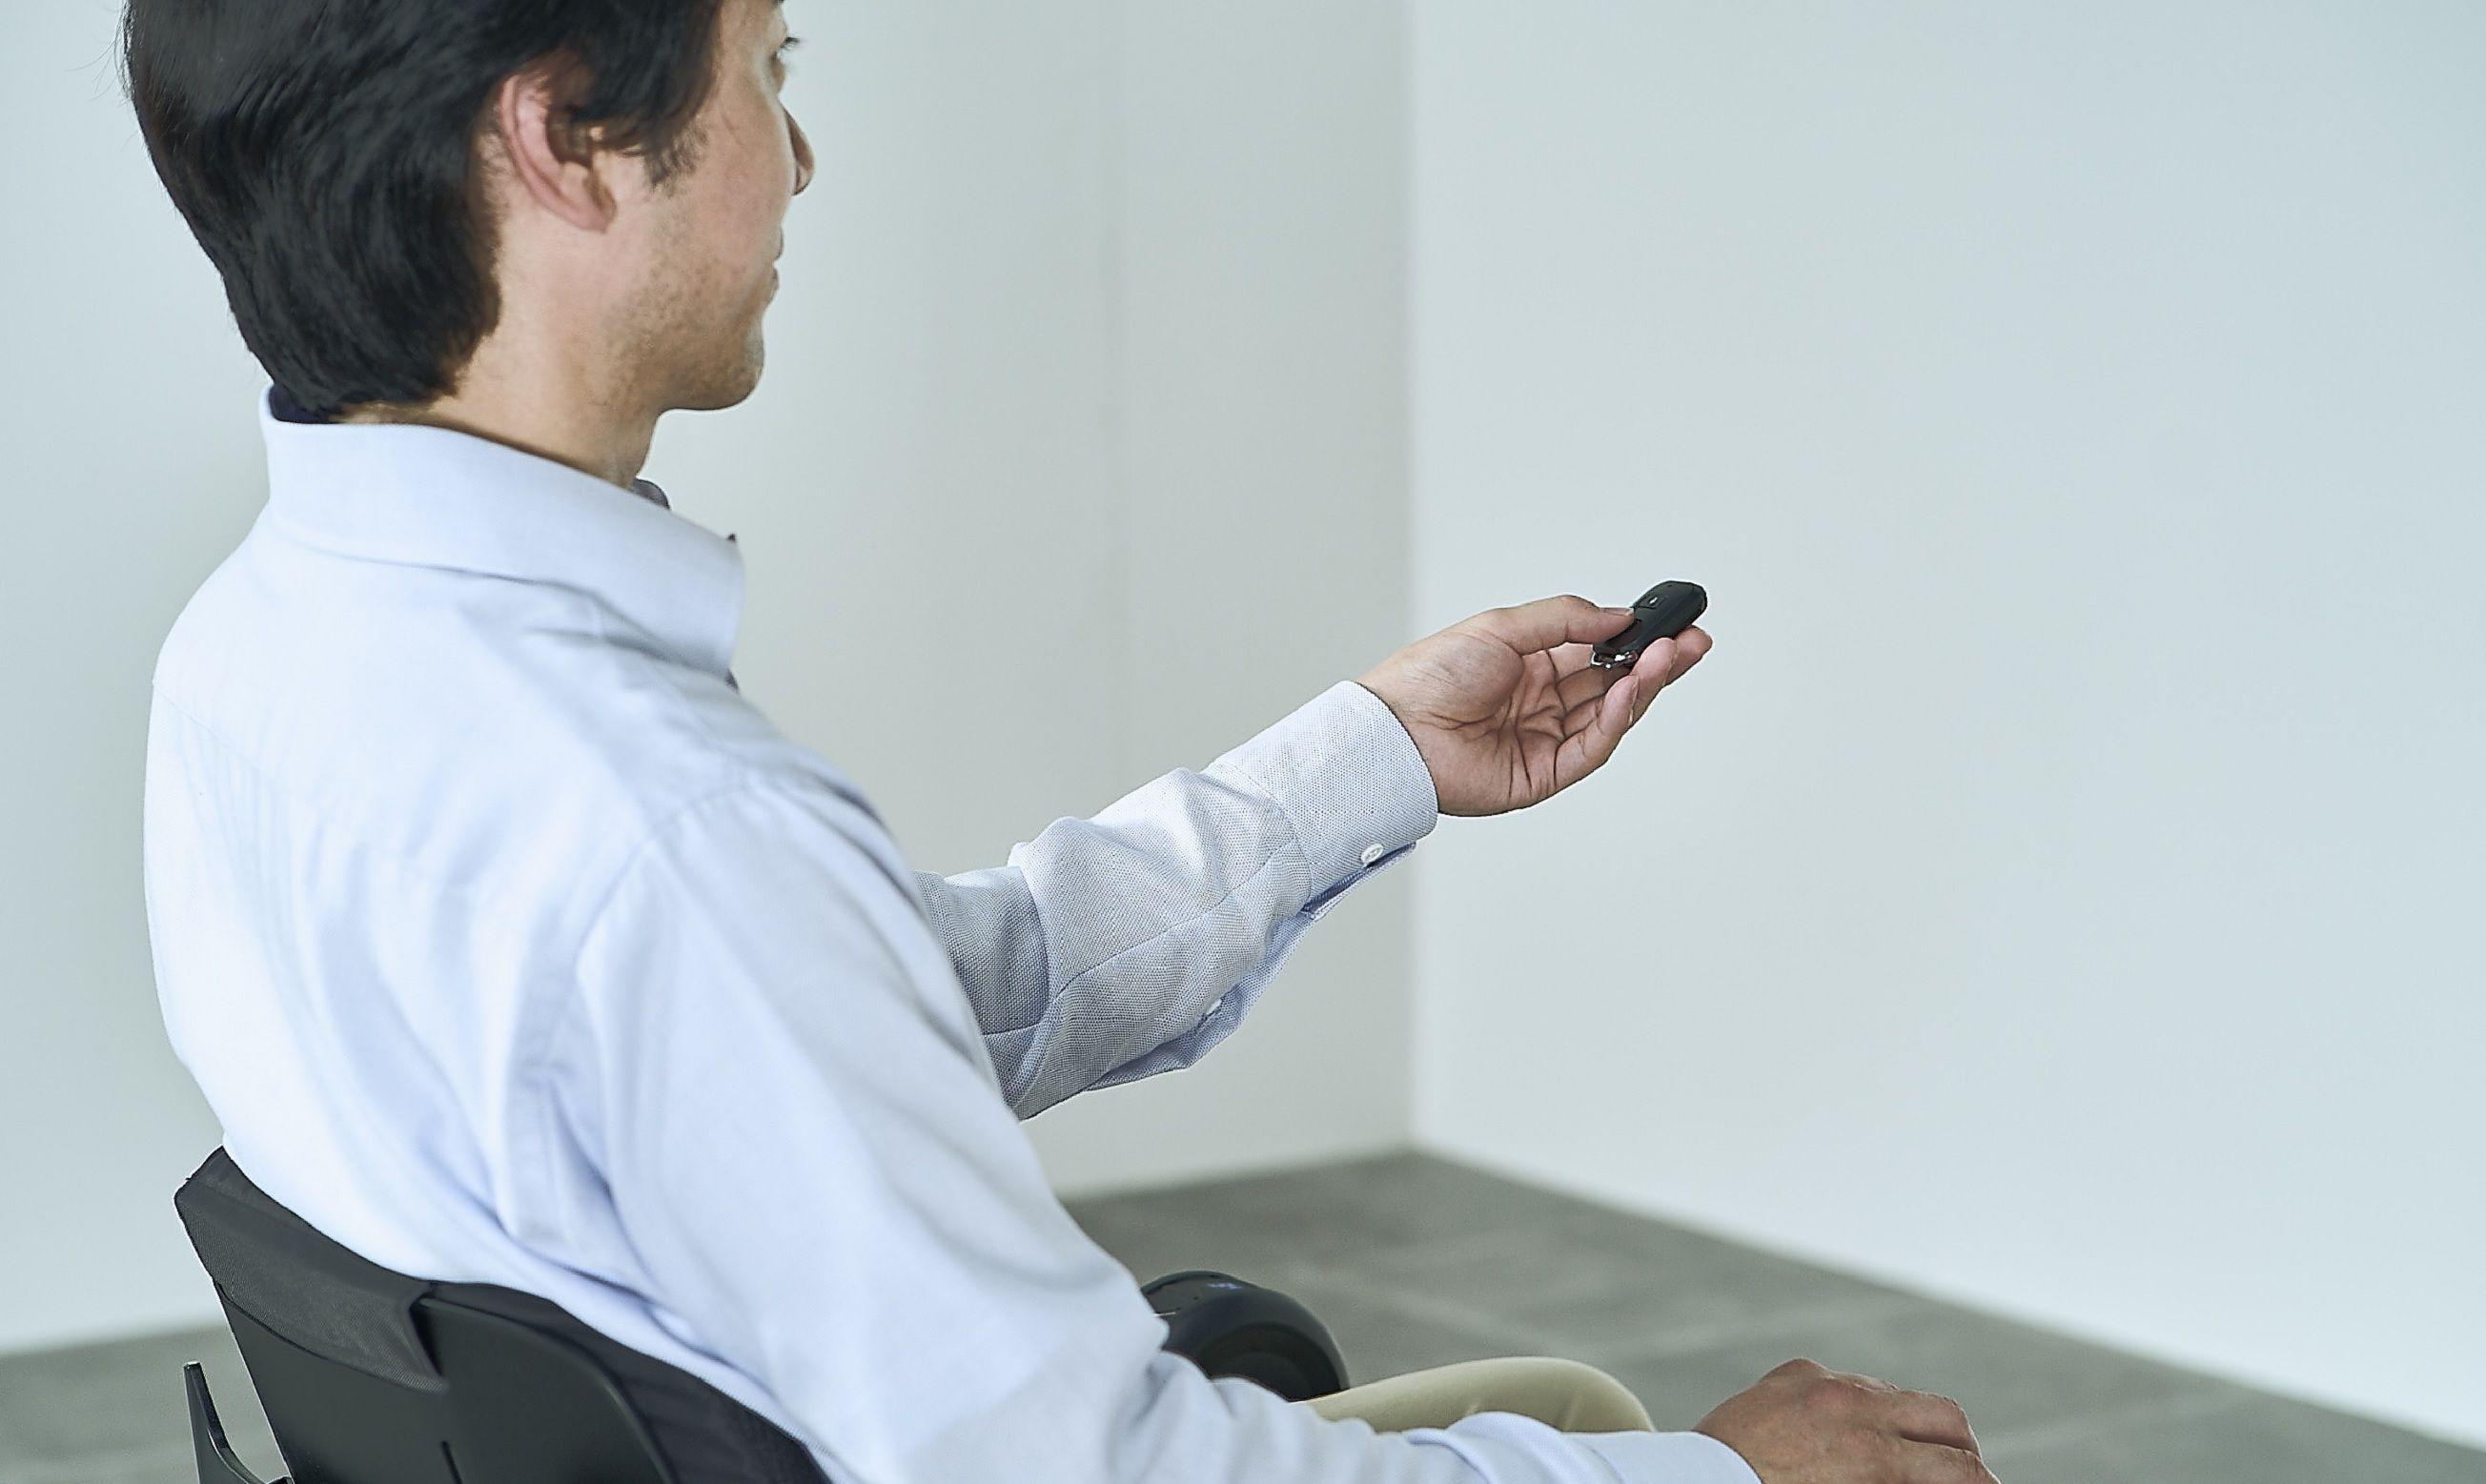 【年度テーマ】玄関ドア用電動オープナーシステム DOAC(ドアック)